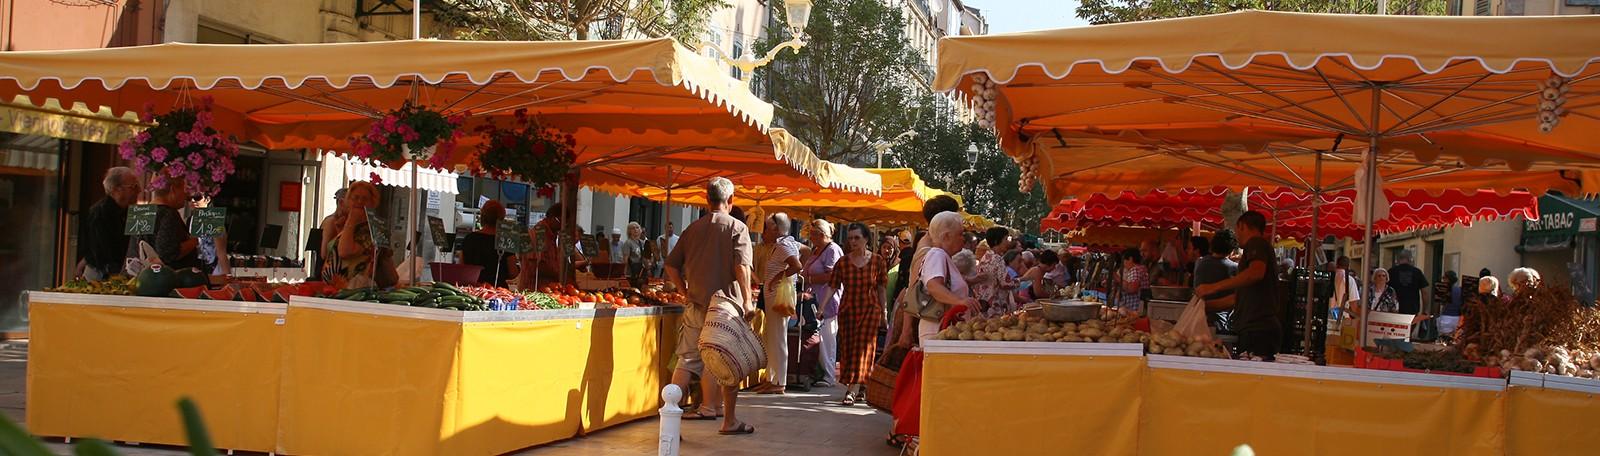 Parking Toulon Marché du Cours Lafayette